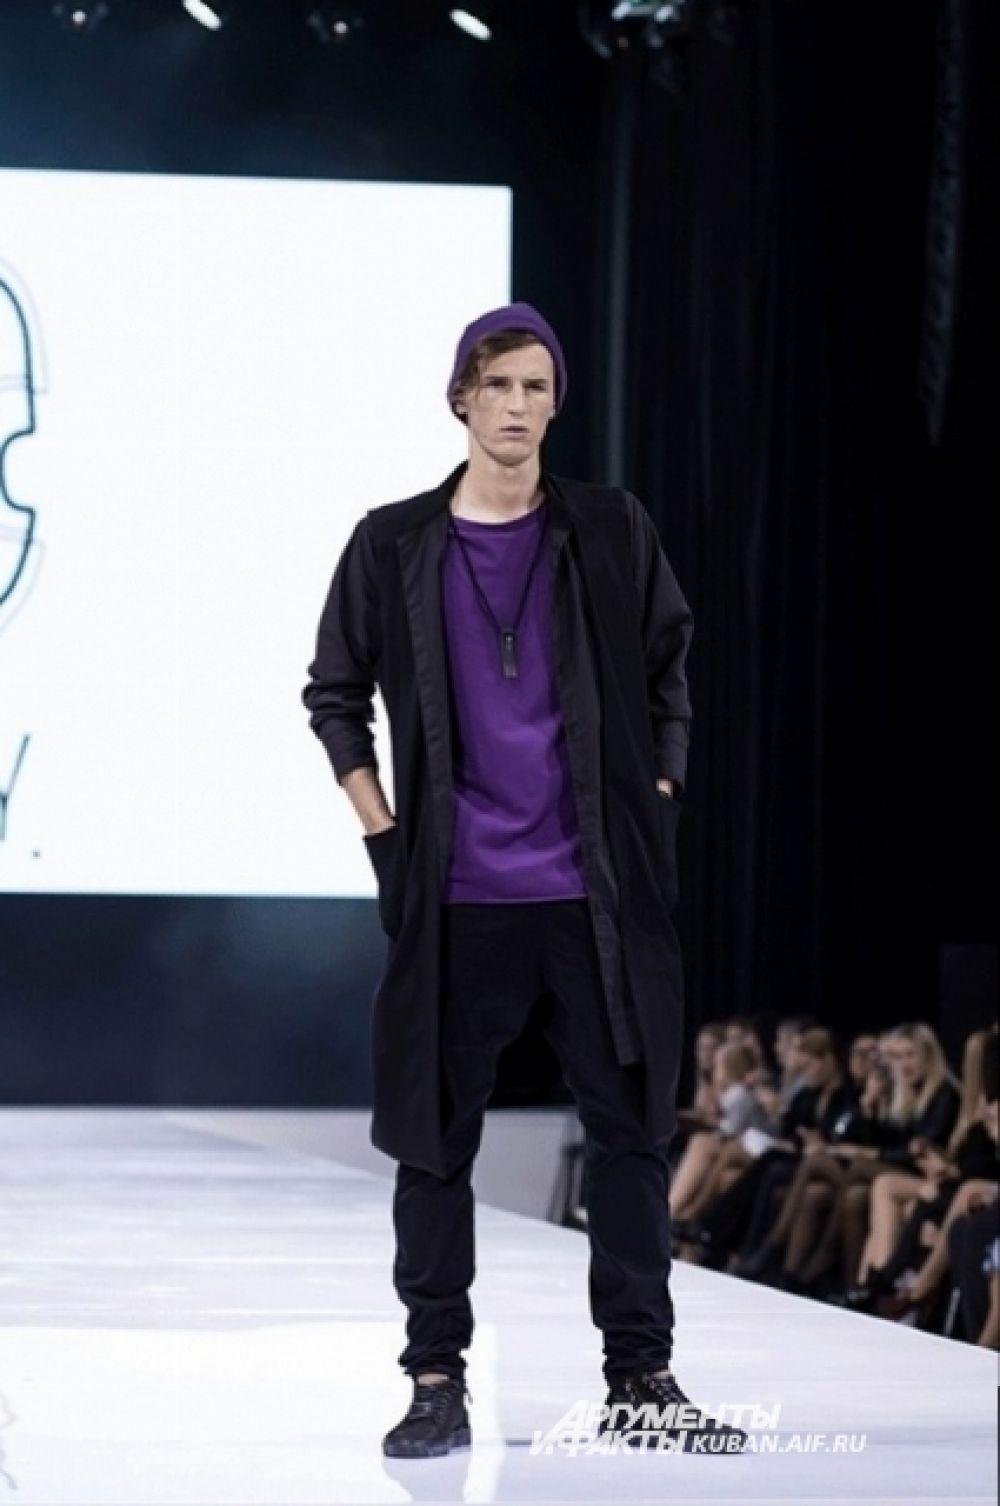 А краснодарский модельер Юлия Скопец шьет одежду для мужчин.